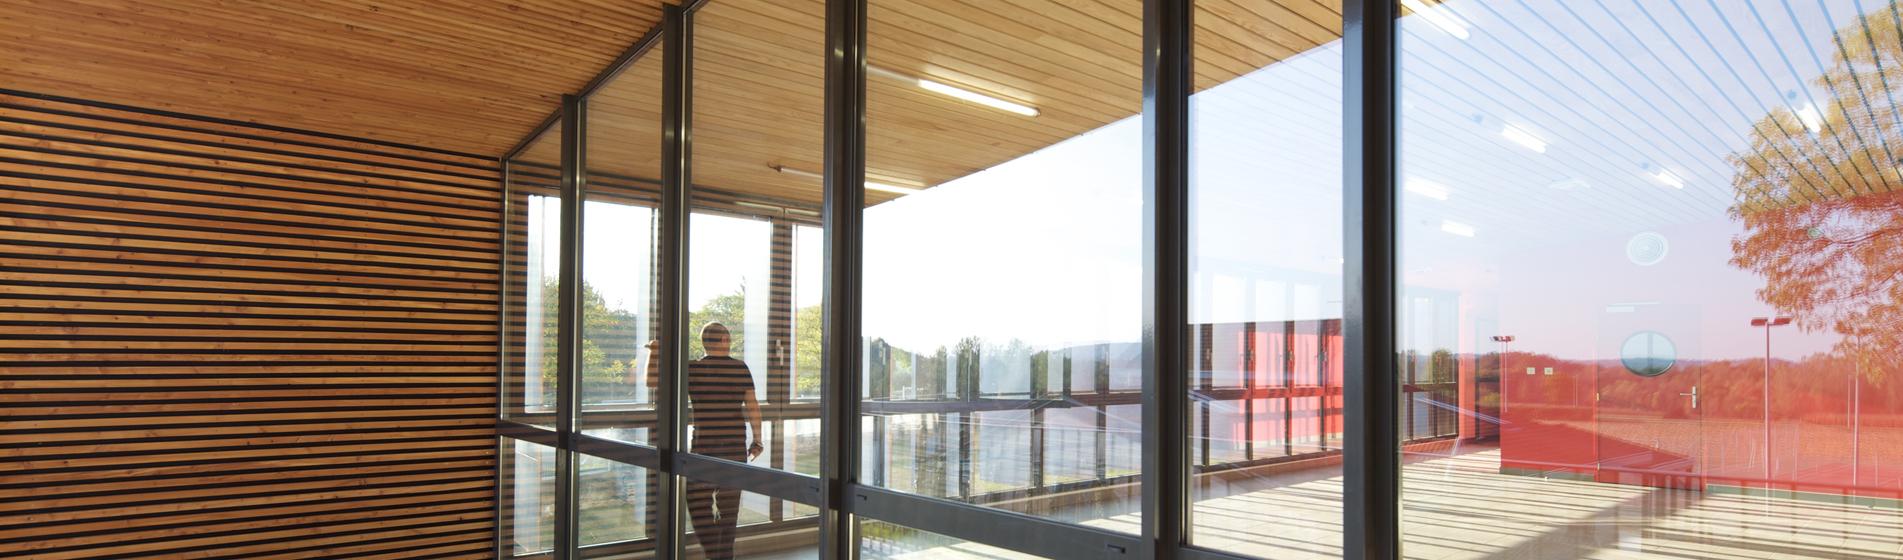 acquérir baie vitree 13 Bouches-du-Rhône